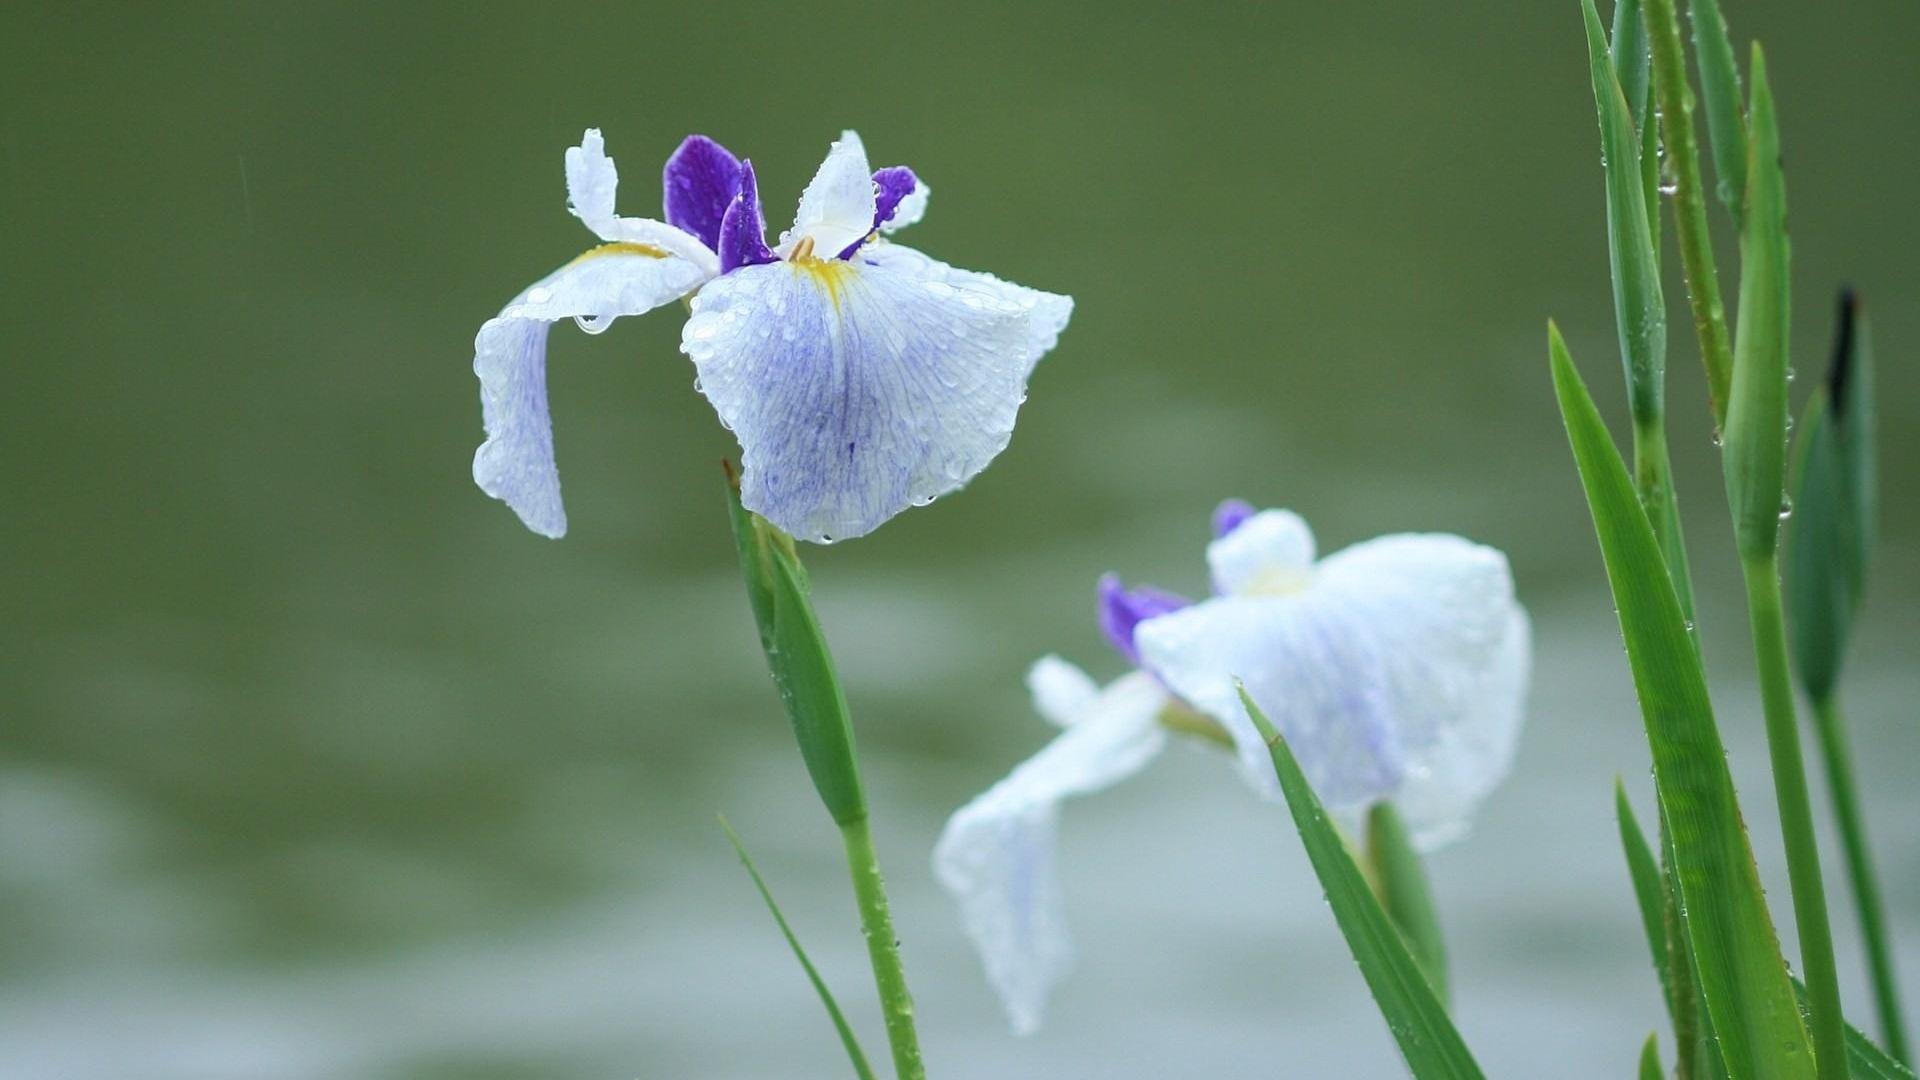 дождь, капля, цветок, ирис, лето скачать